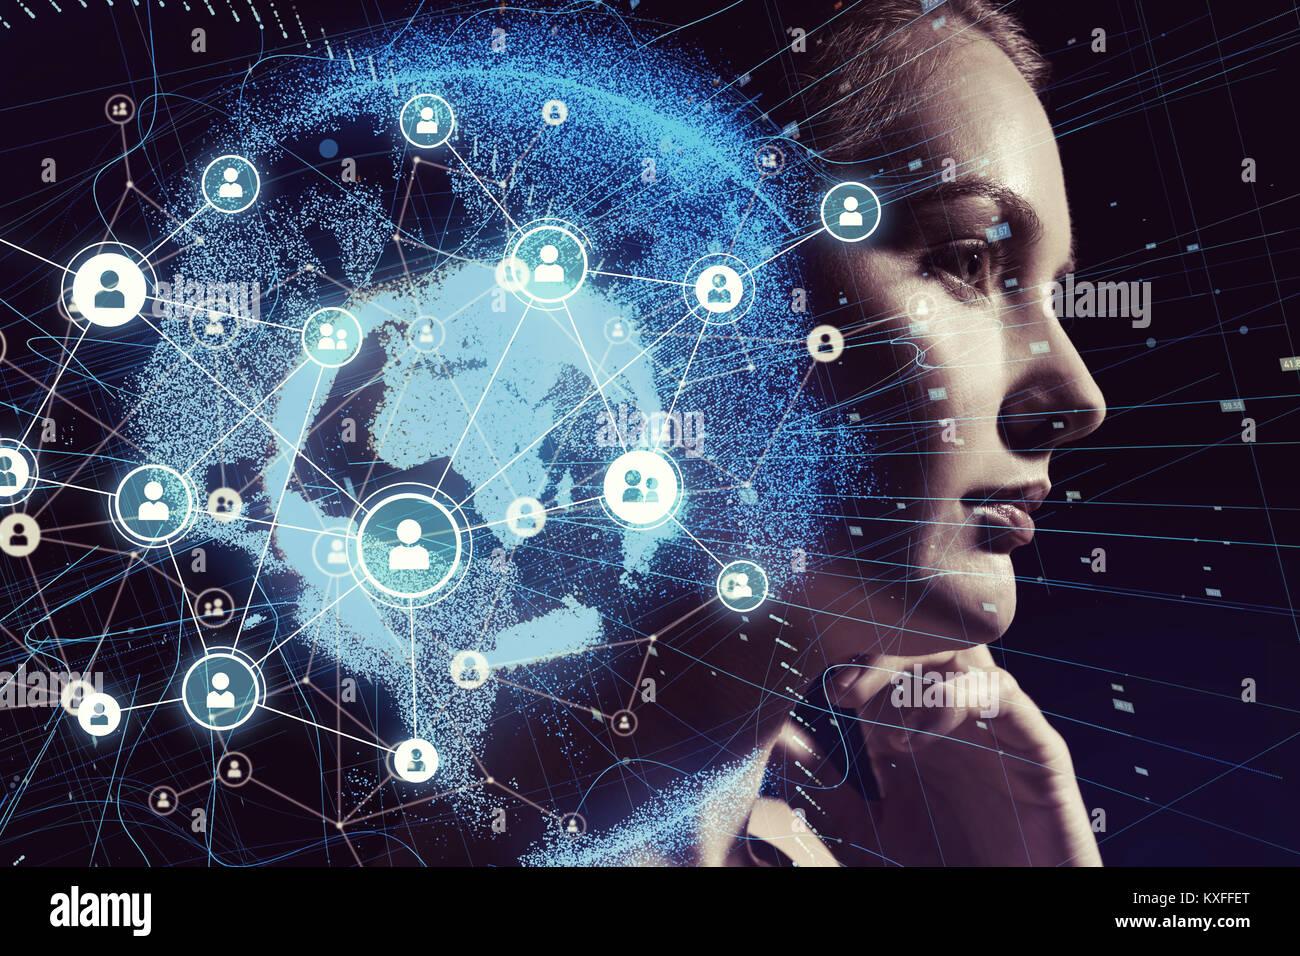 Réseau mondial de communication et de l'IA (Intelligence Artificielle) concept. Photo Stock